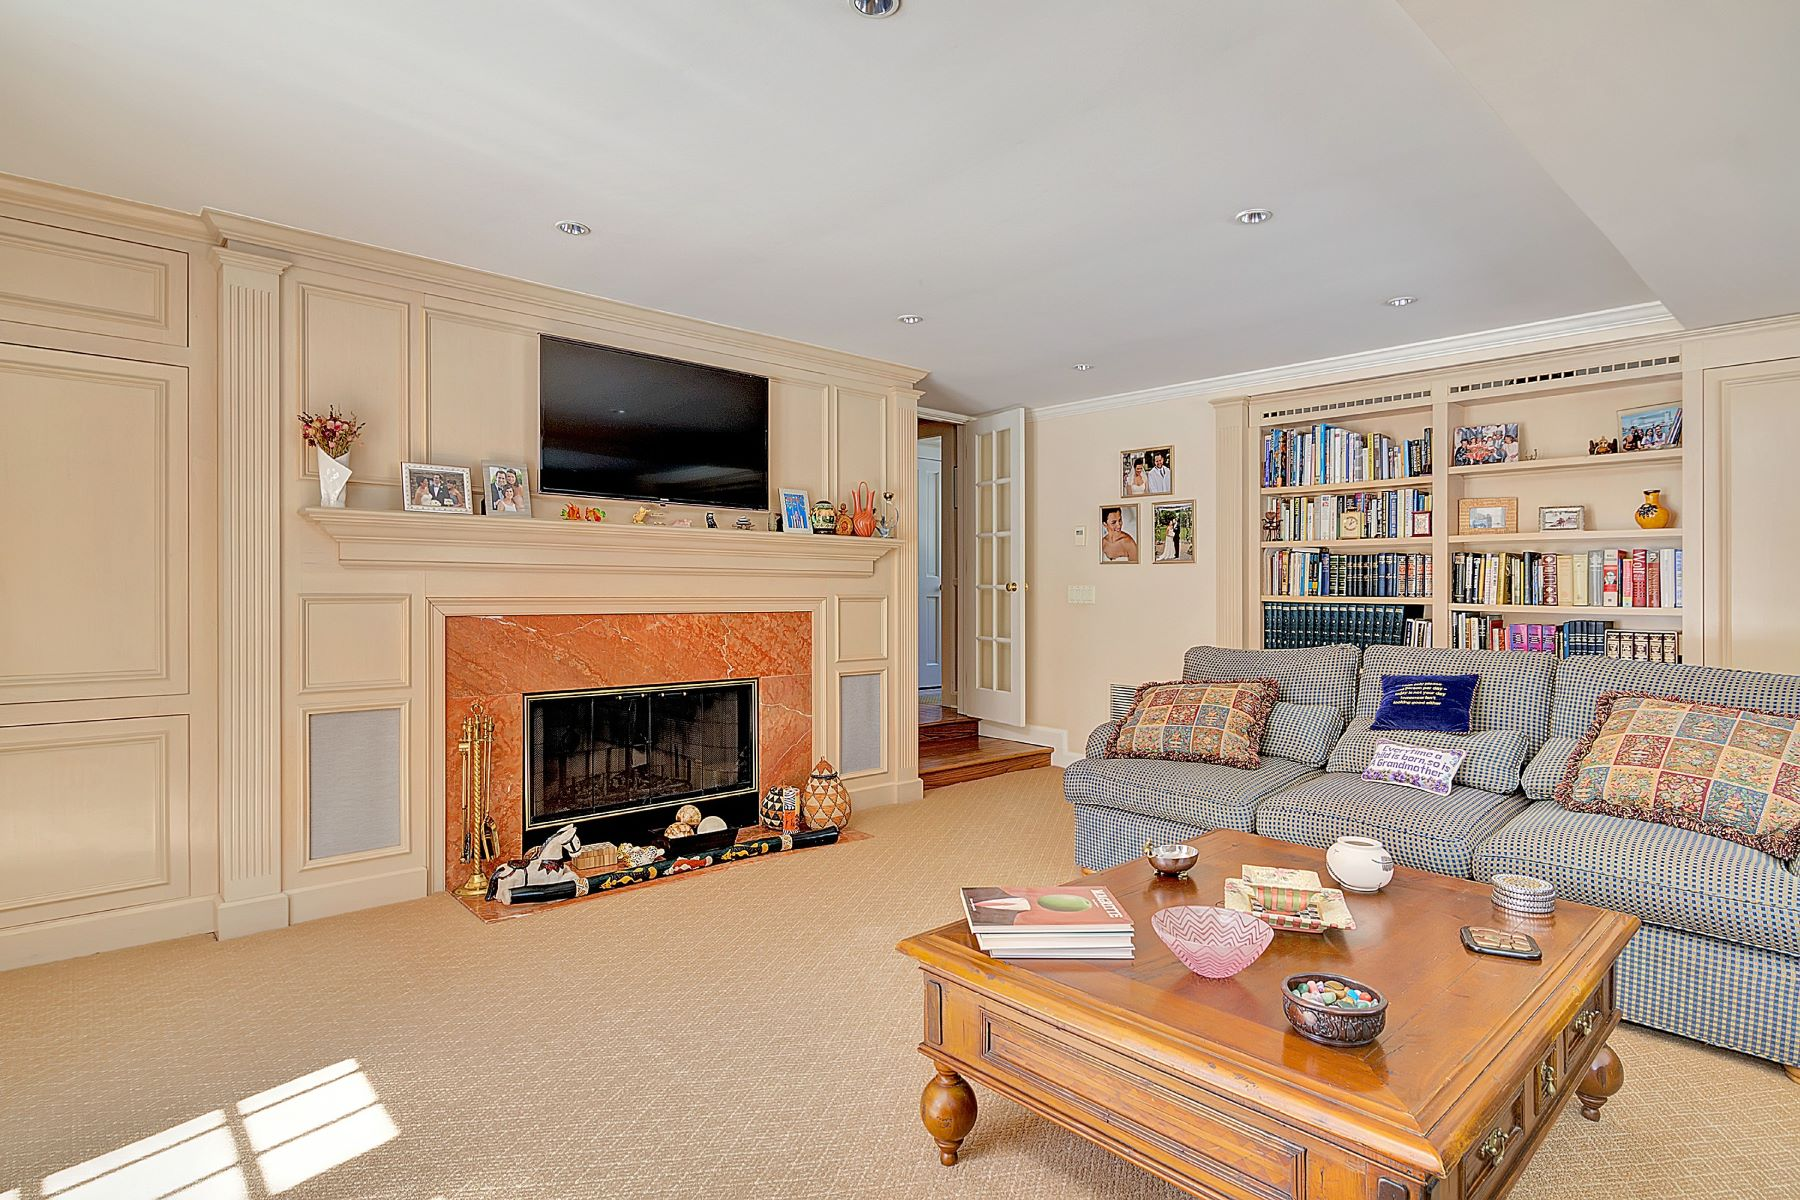 Частный односемейный дом для того Продажа на Spectacular Estate 191 S Woodland, Englewood, Нью-Джерси 07631 Соединенные Штаты